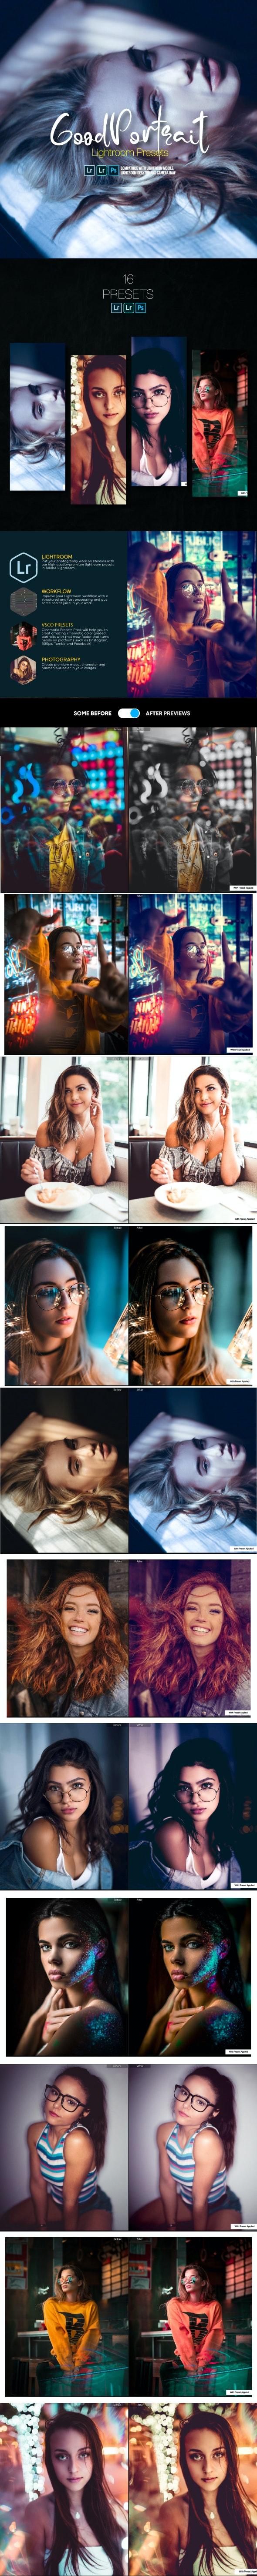 Cinematic Portrait Lightroom Presets Mobile and Desktop - Portrait Lightroom Presets